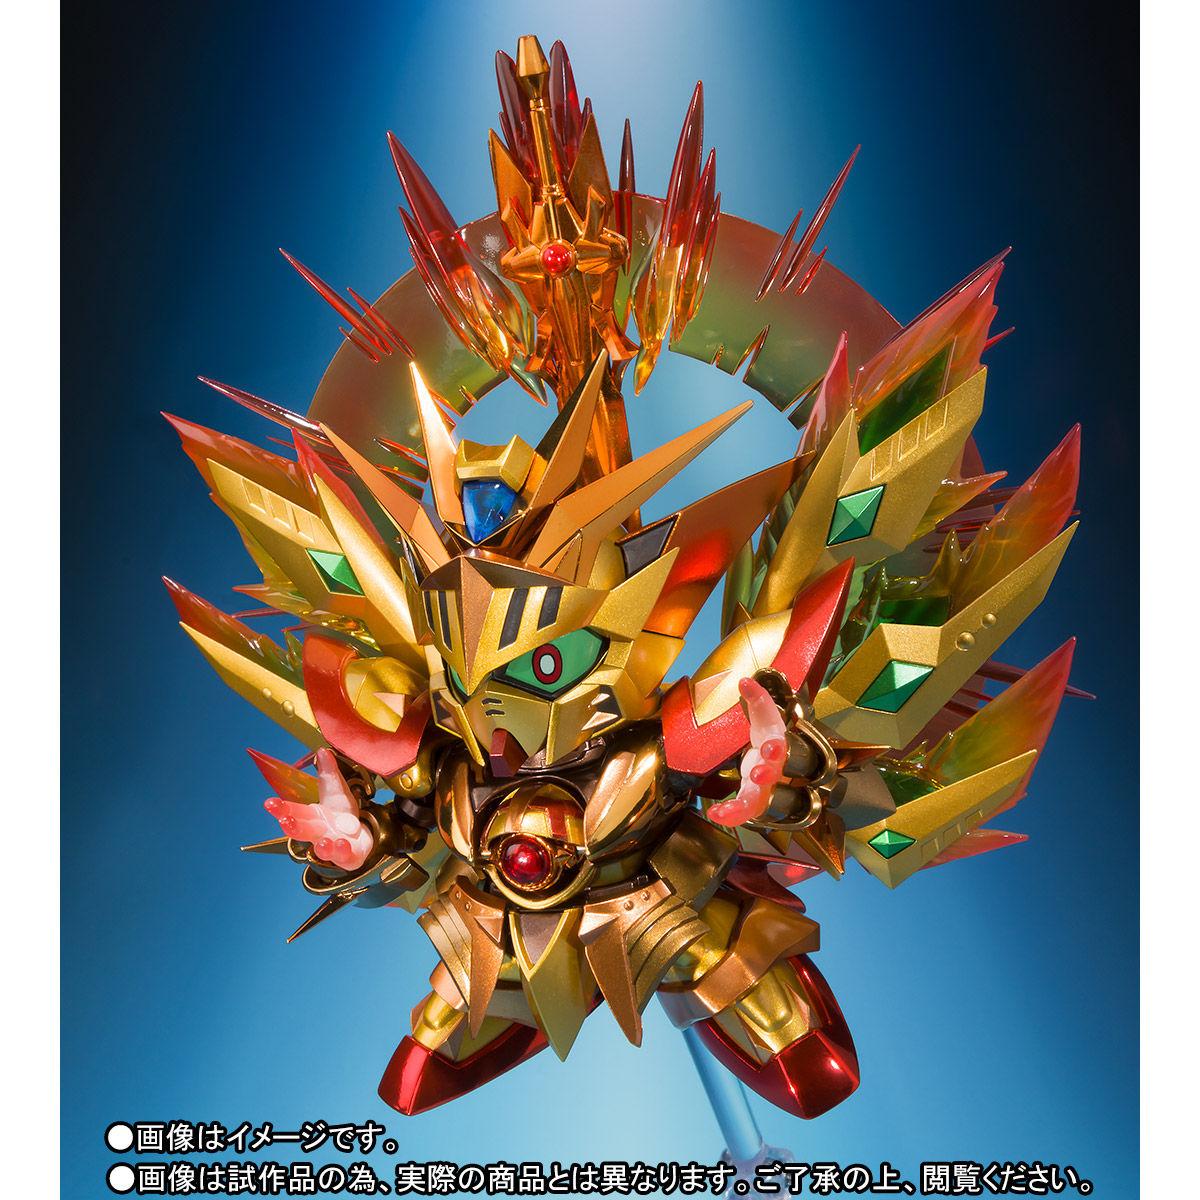 SDX『太陽騎士ゴッドガンダム 明鏡止水ゴールドバージョン』新SDガンダム外伝 可動フィギュア-007